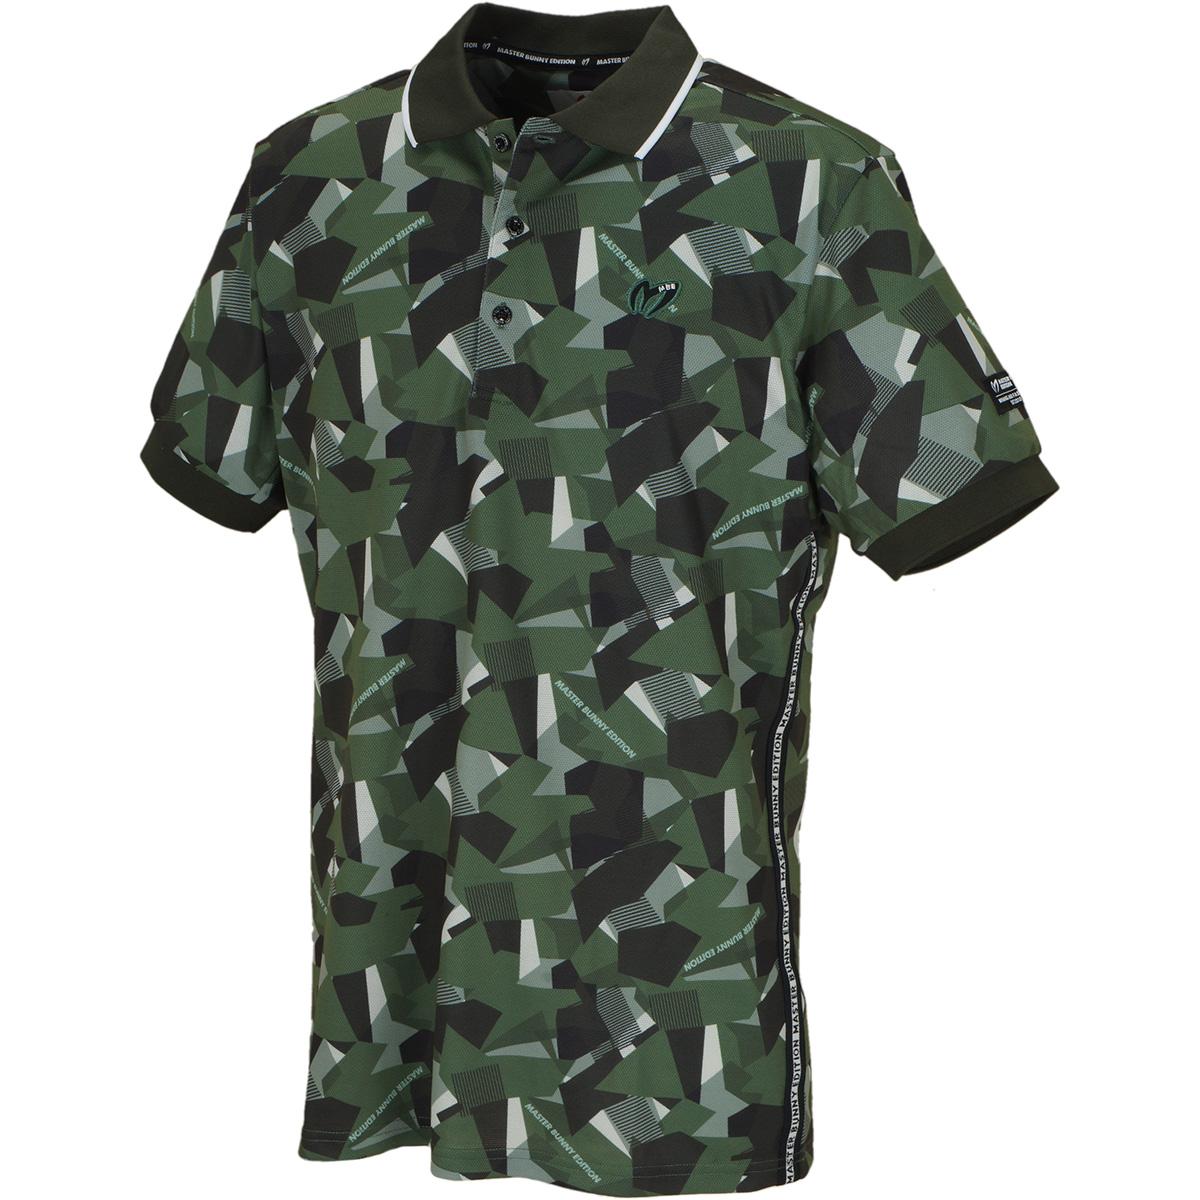 デジカモプリント プレミアムTEX 半袖ポロシャツ